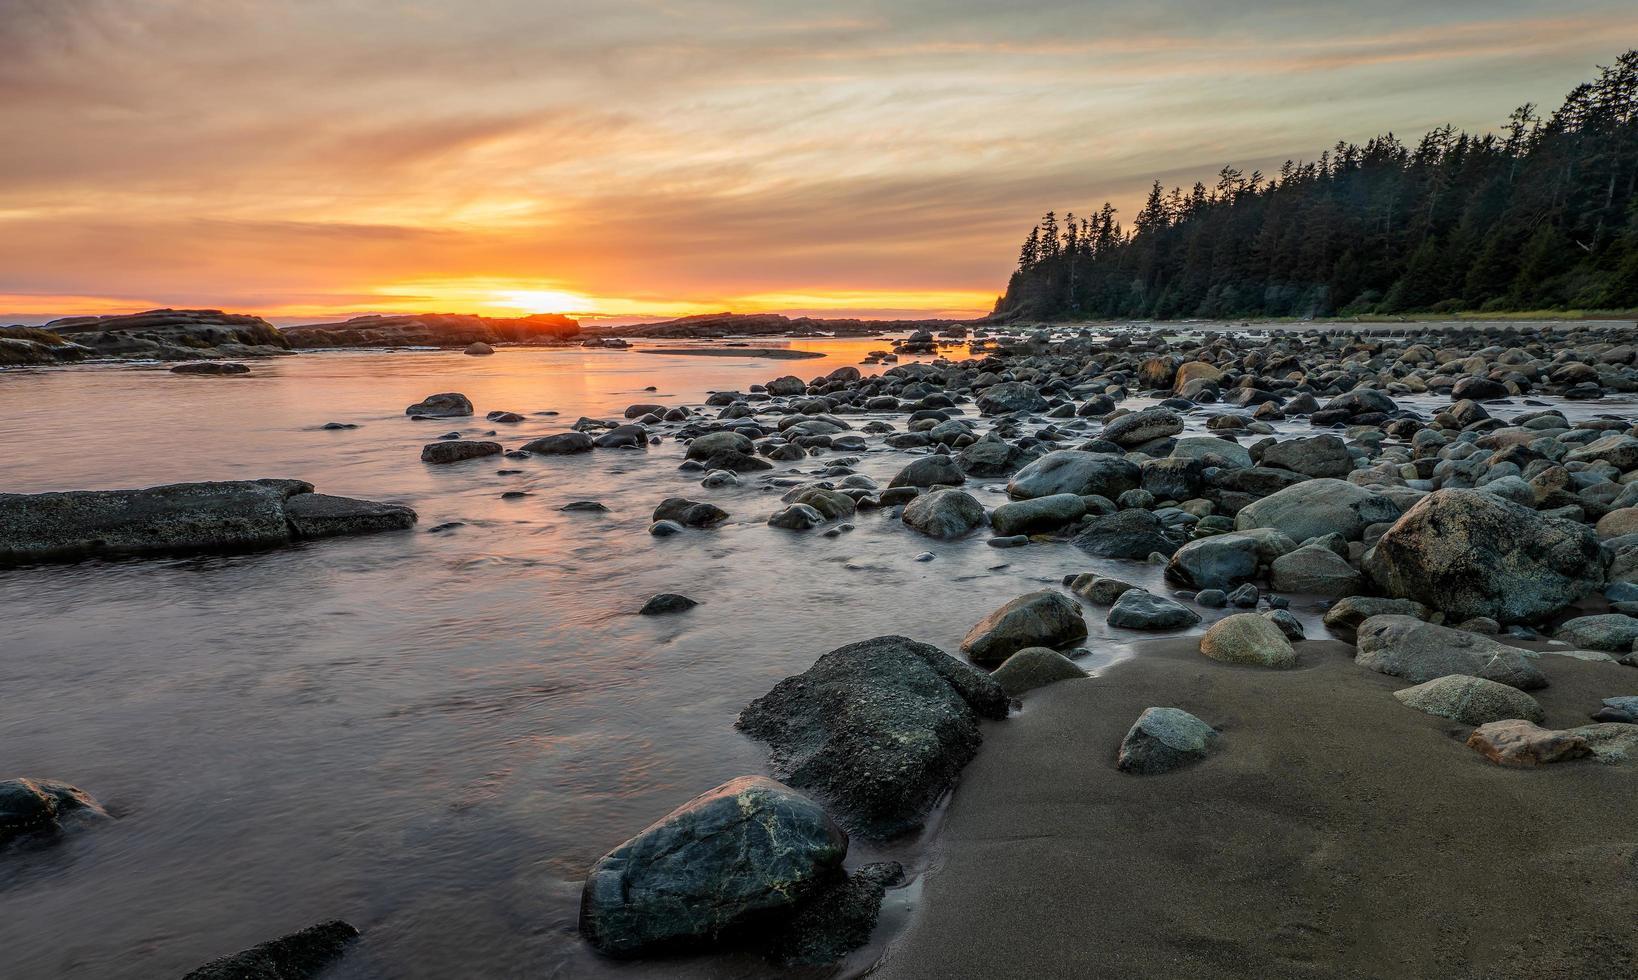 rivage rocheux pendant le coucher du soleil photo